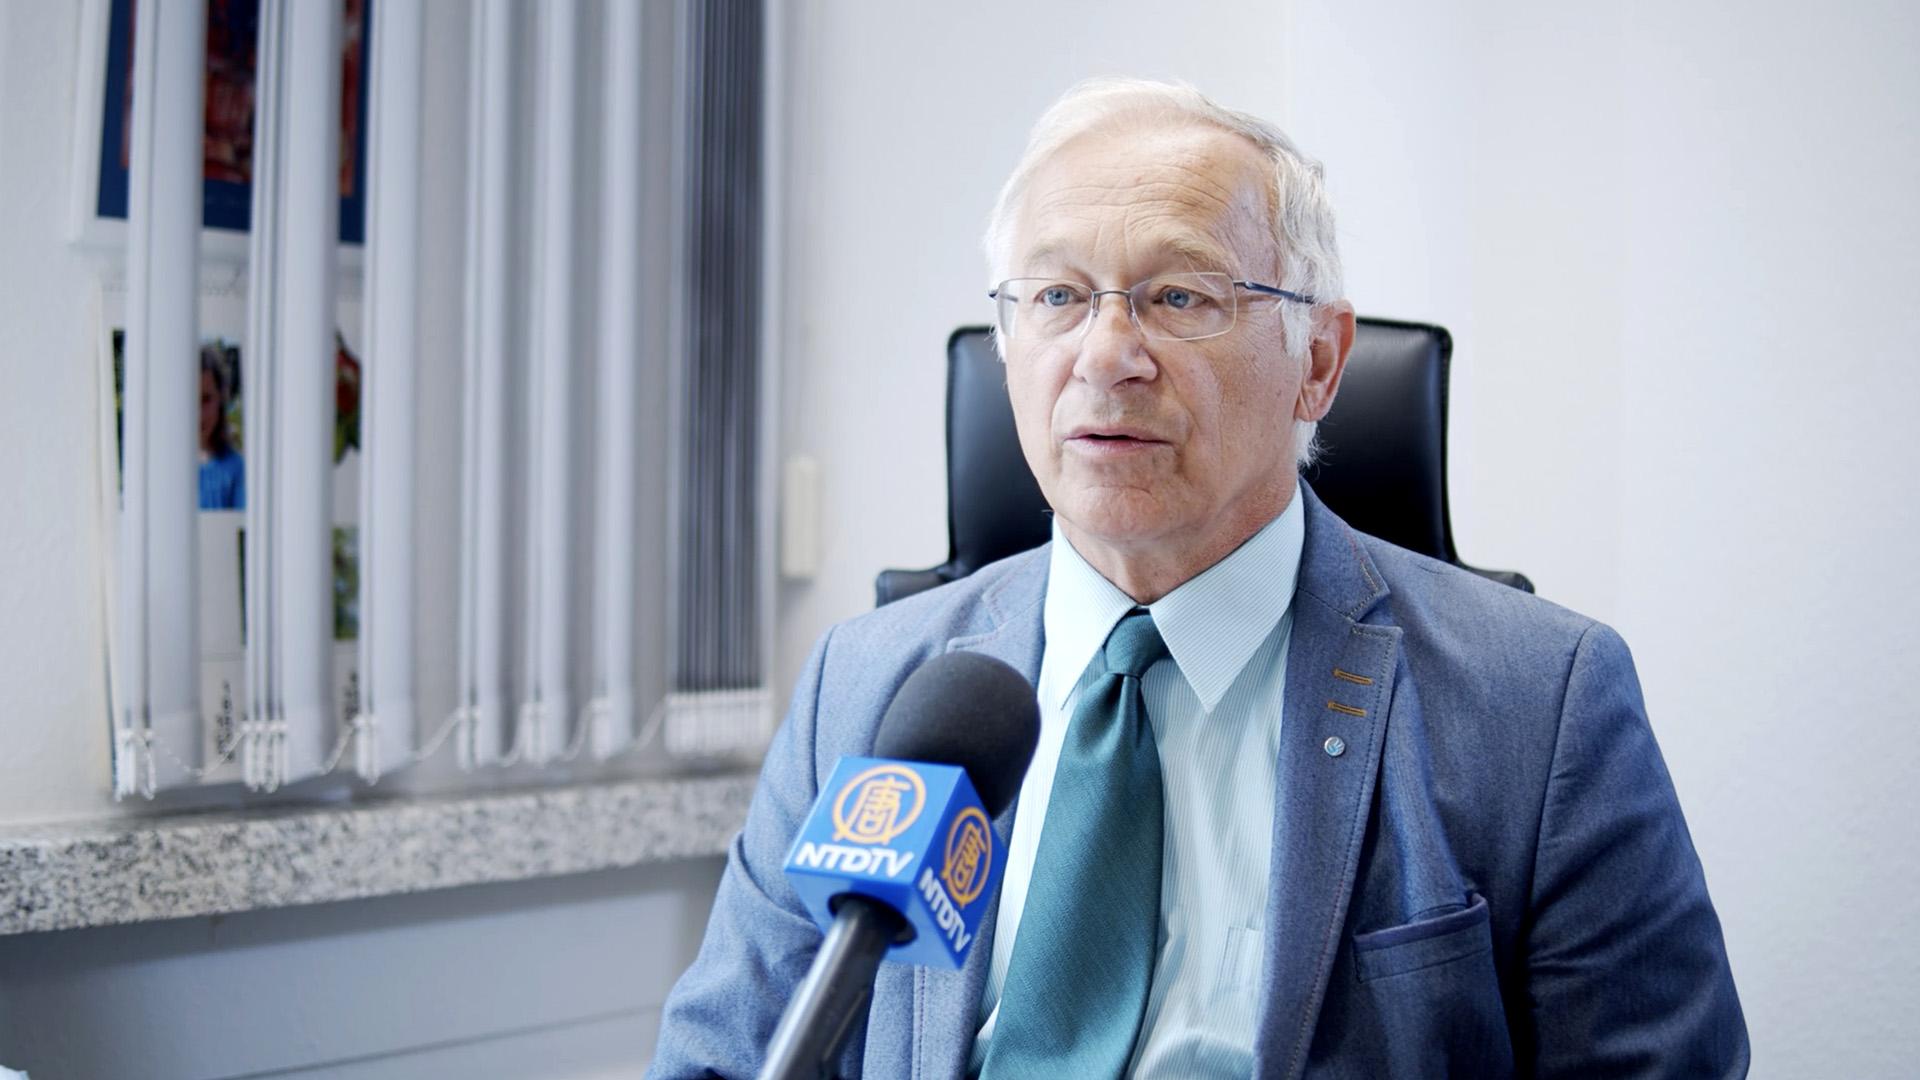 專訪德議員:支持法輪功反迫害 修改器官移植法